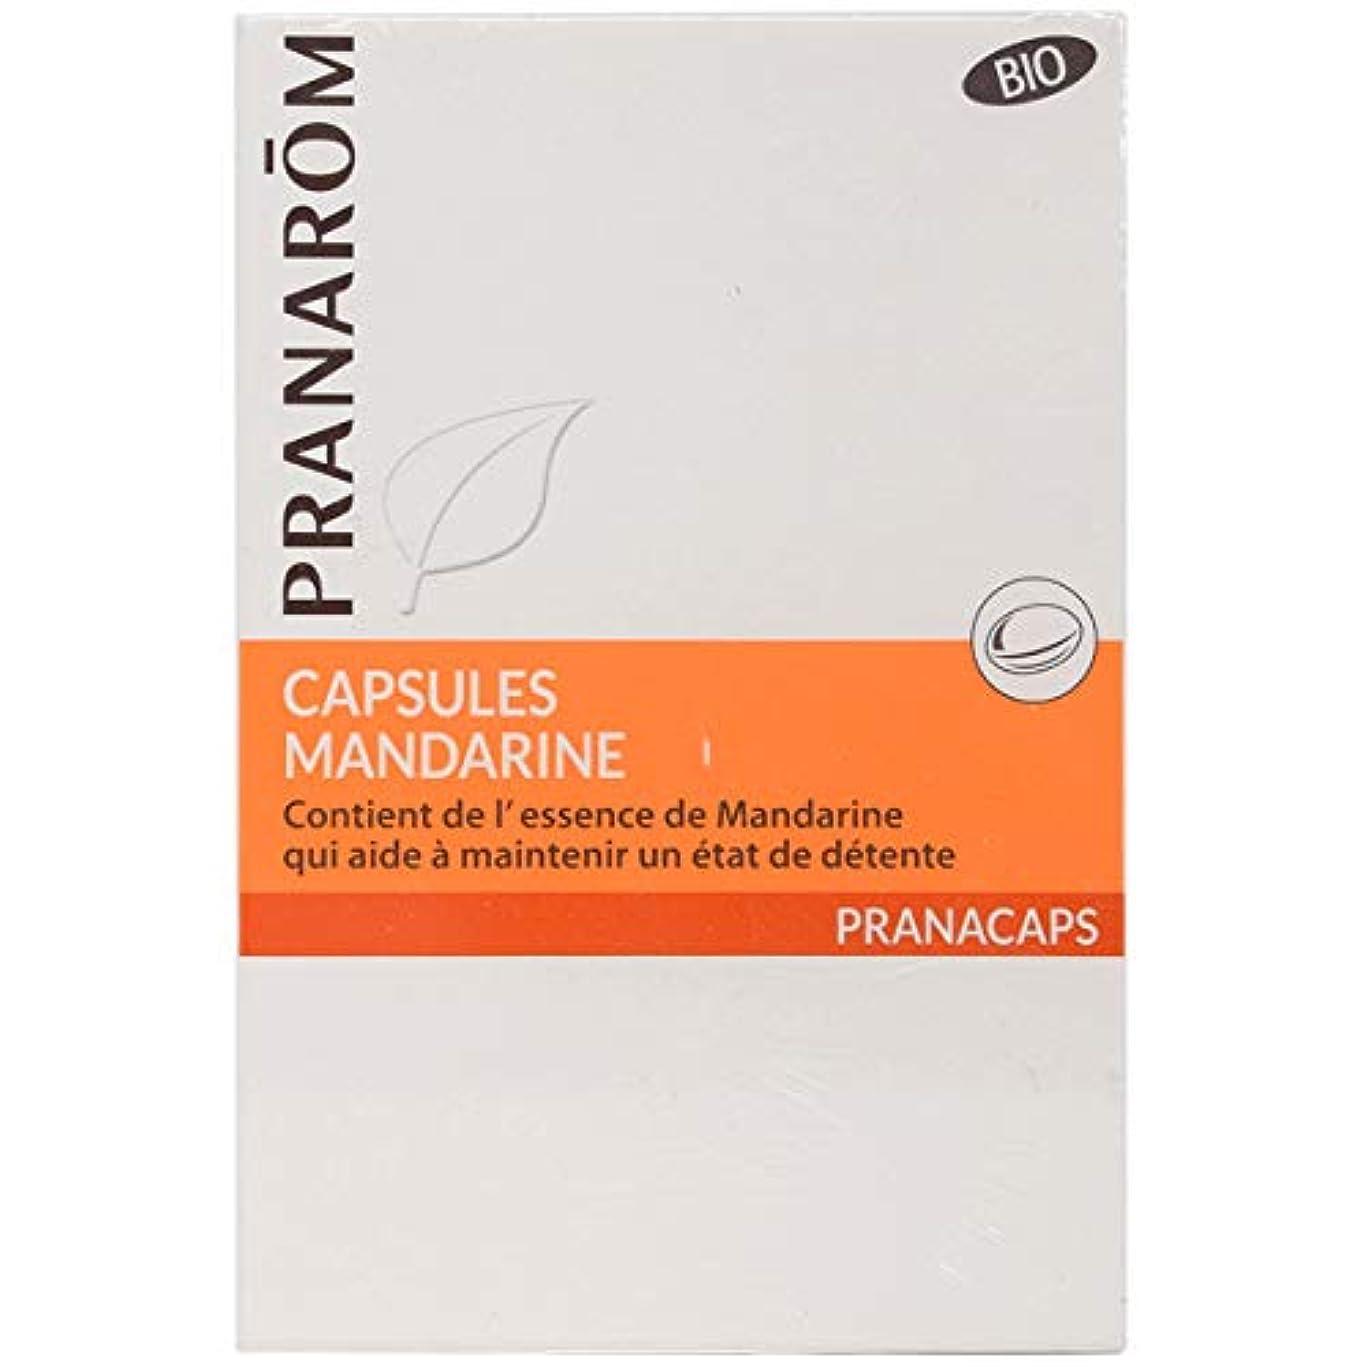 はっきりしない寸法ぬるいプラナロム マンダリンカプセル 30粒 (PRANAROM サプリメント)